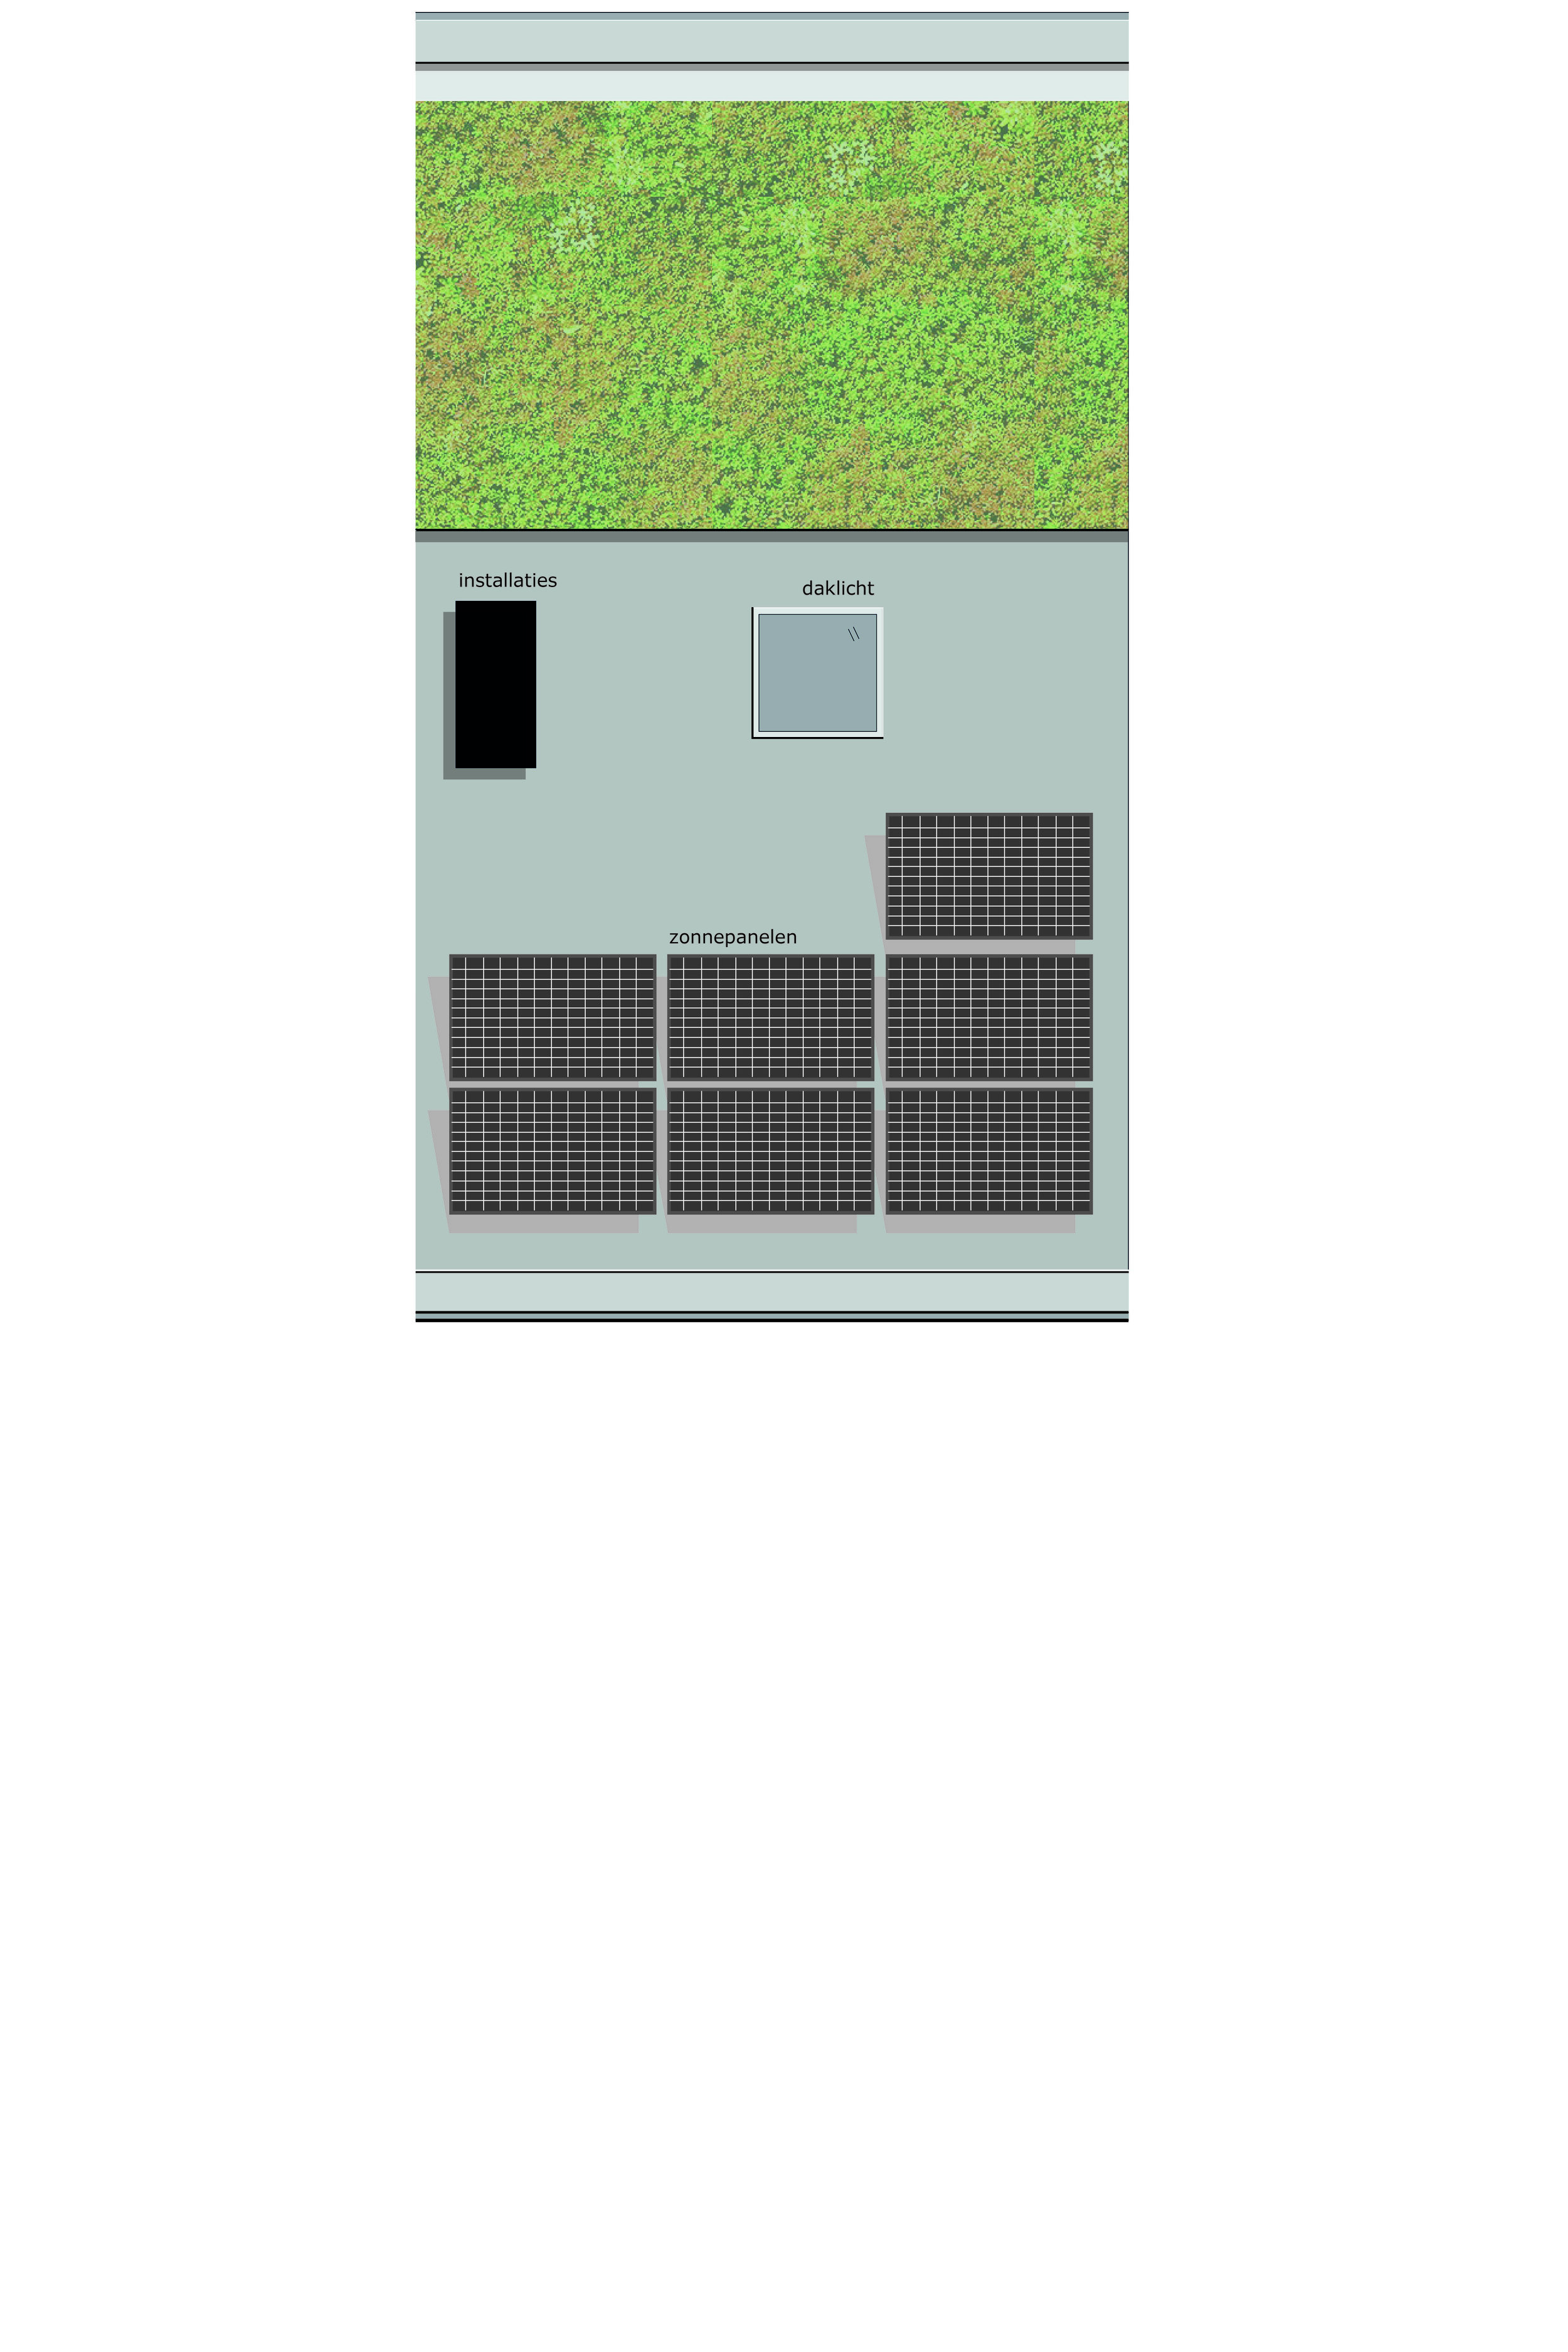 plattegrond -18.jpg